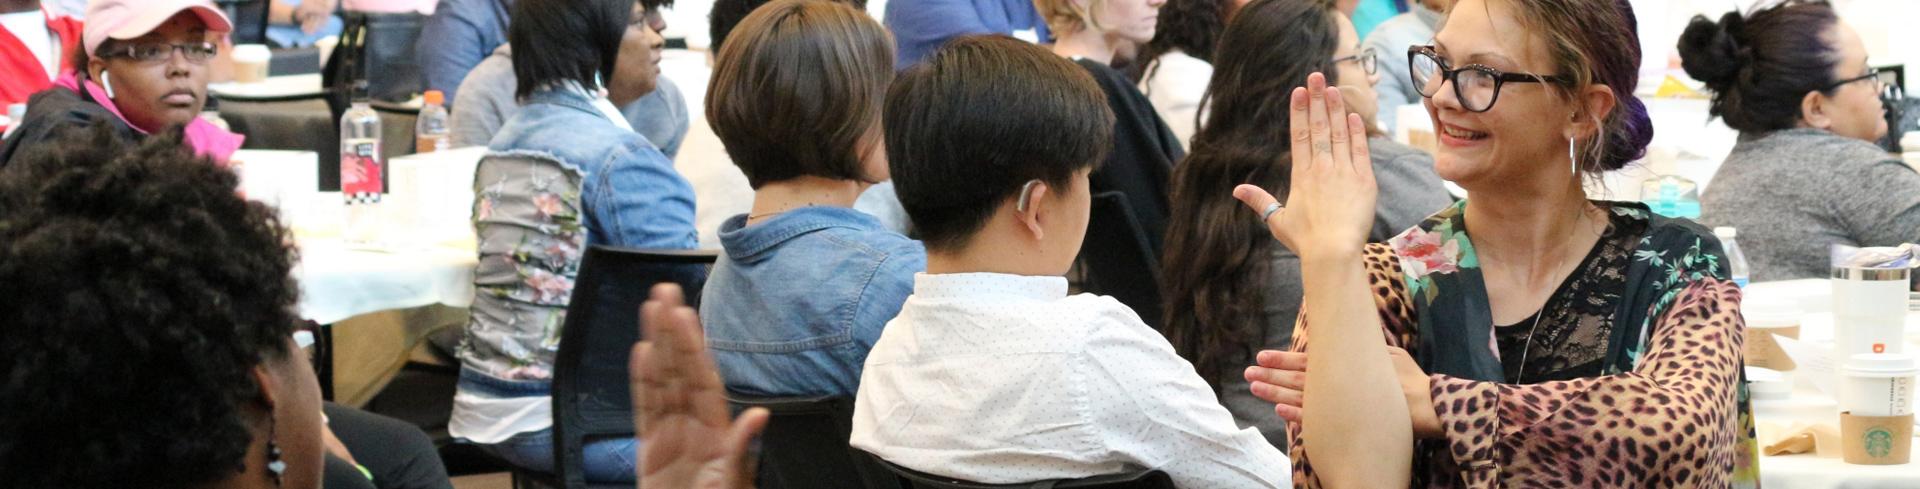 Una mujer usa lenguaje de señas para comunicarse con gente que asiste a un evento. Todos están sonriendo y divirtiéndose.